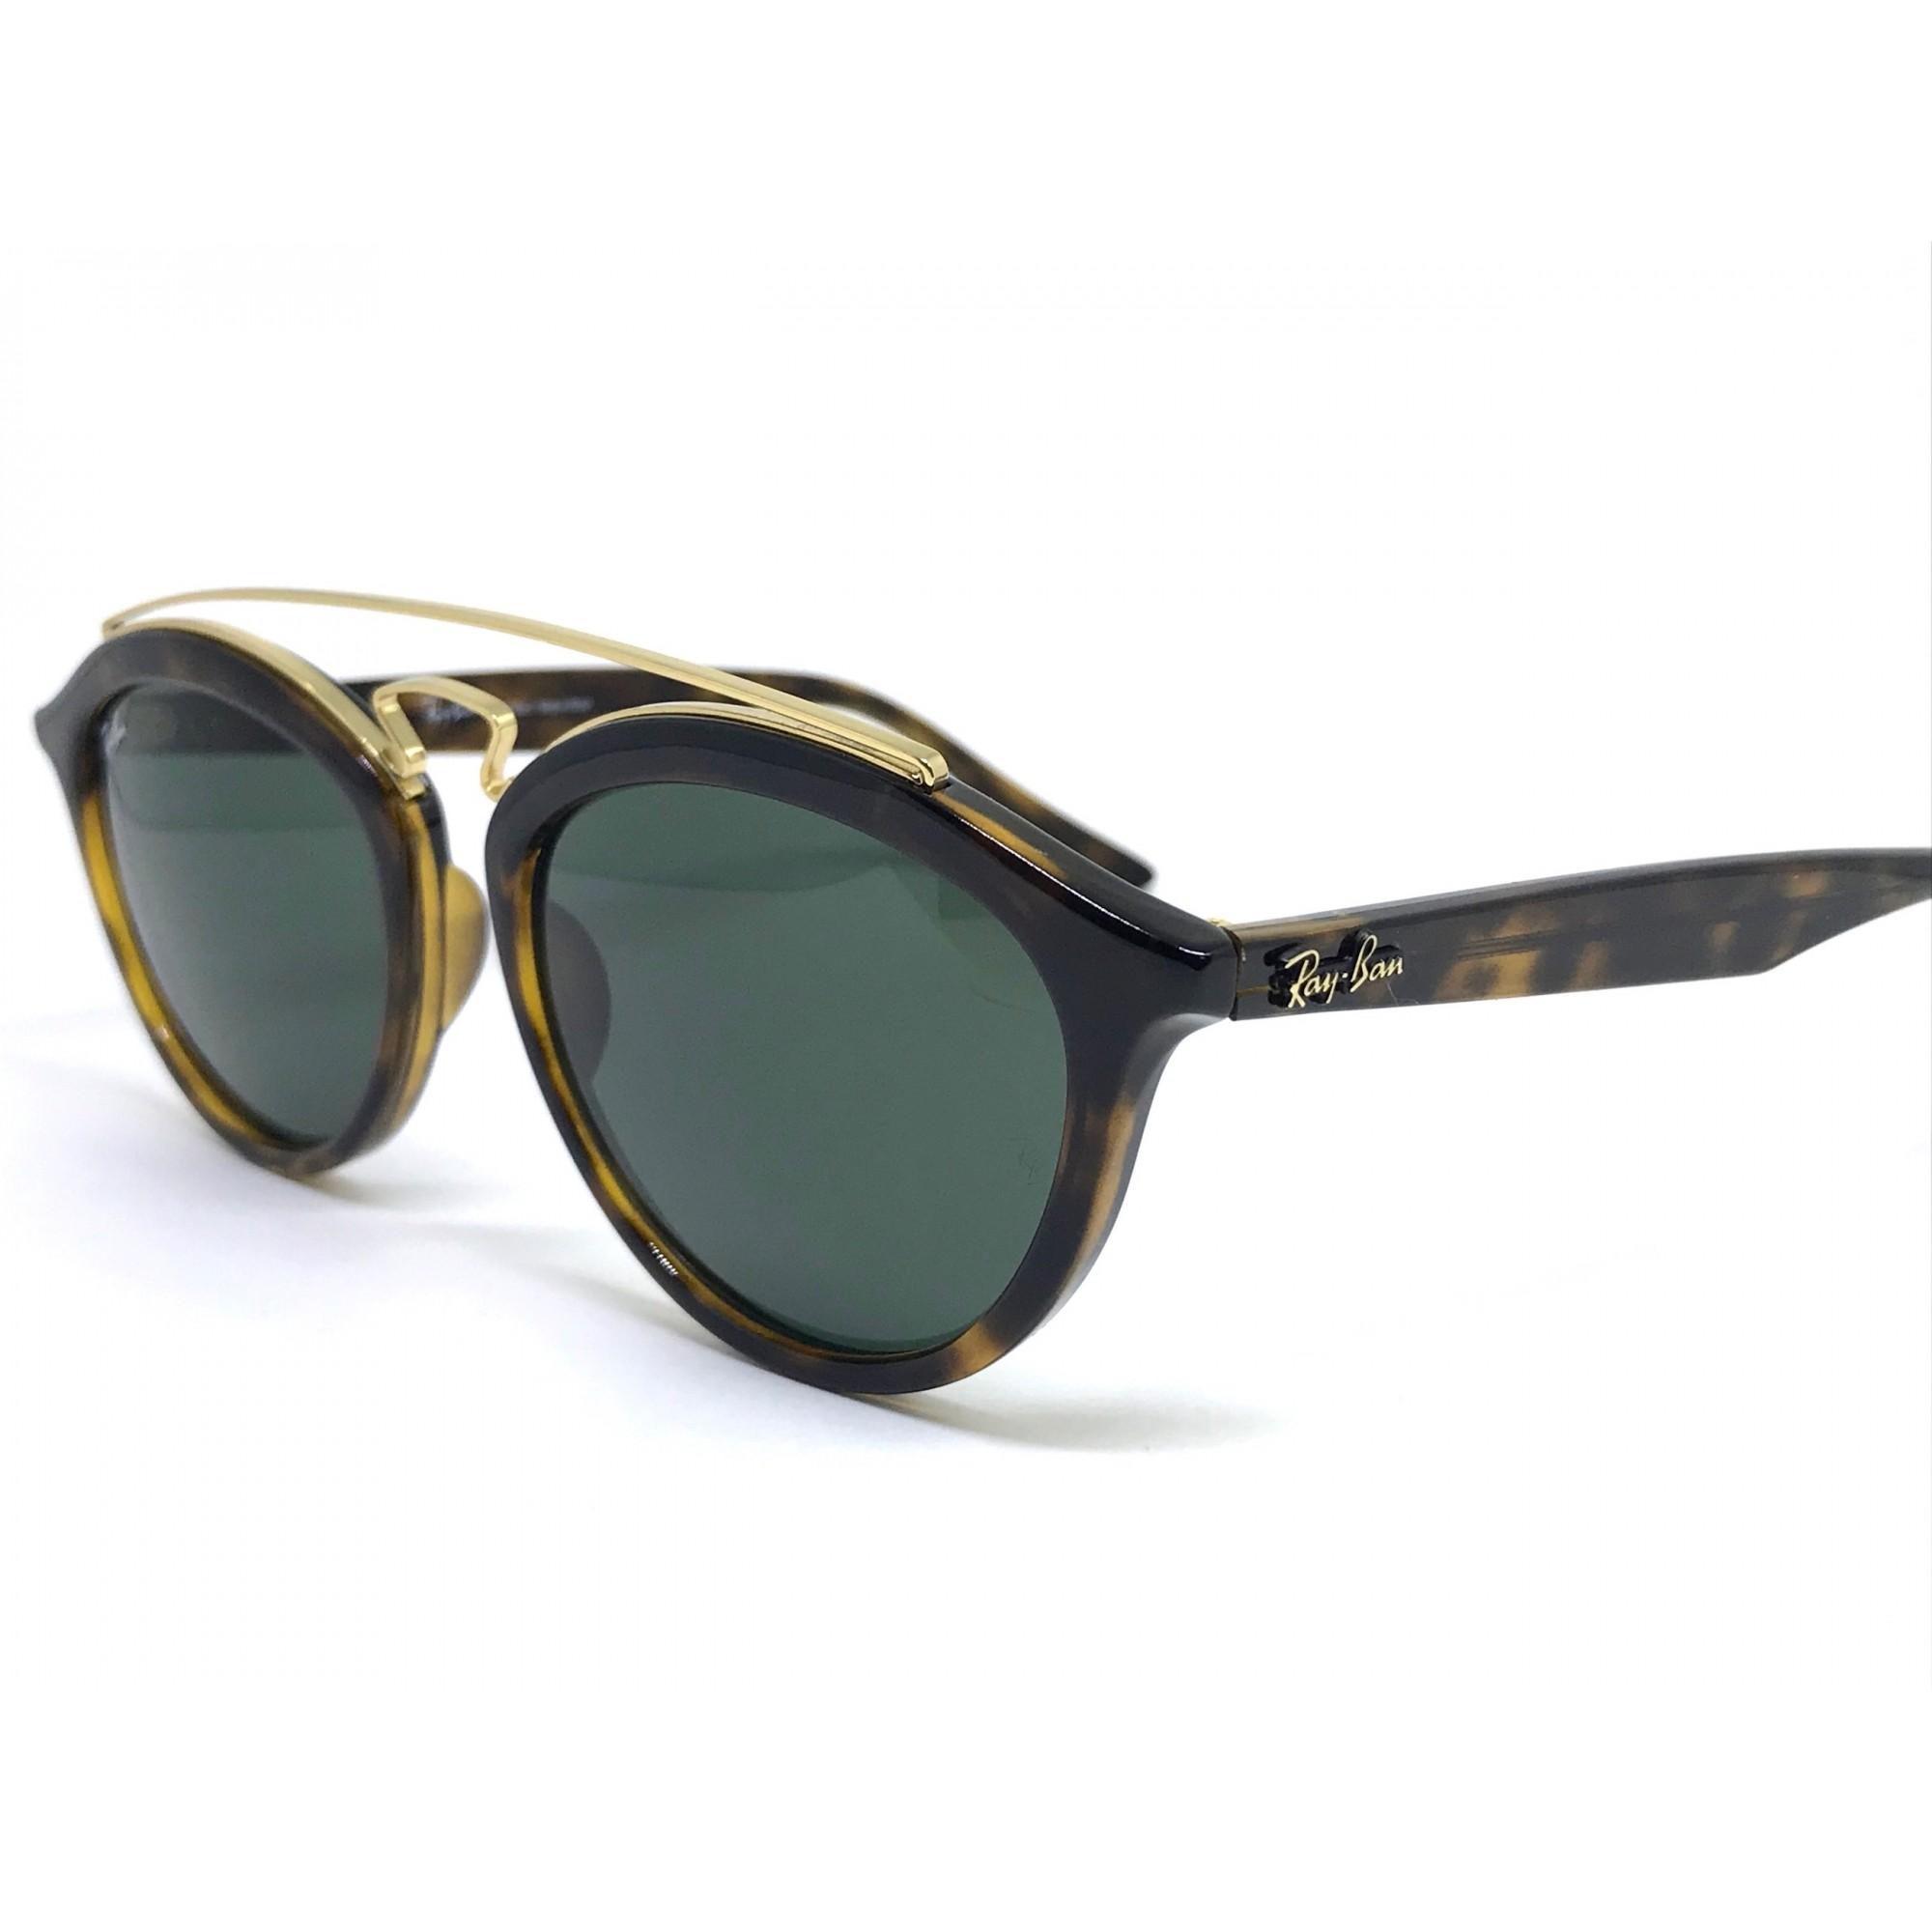 f80909f1b058a ... Oculos de sol Ray Ban Gatsby RB4257 710 71 53 - Majestic Oculos